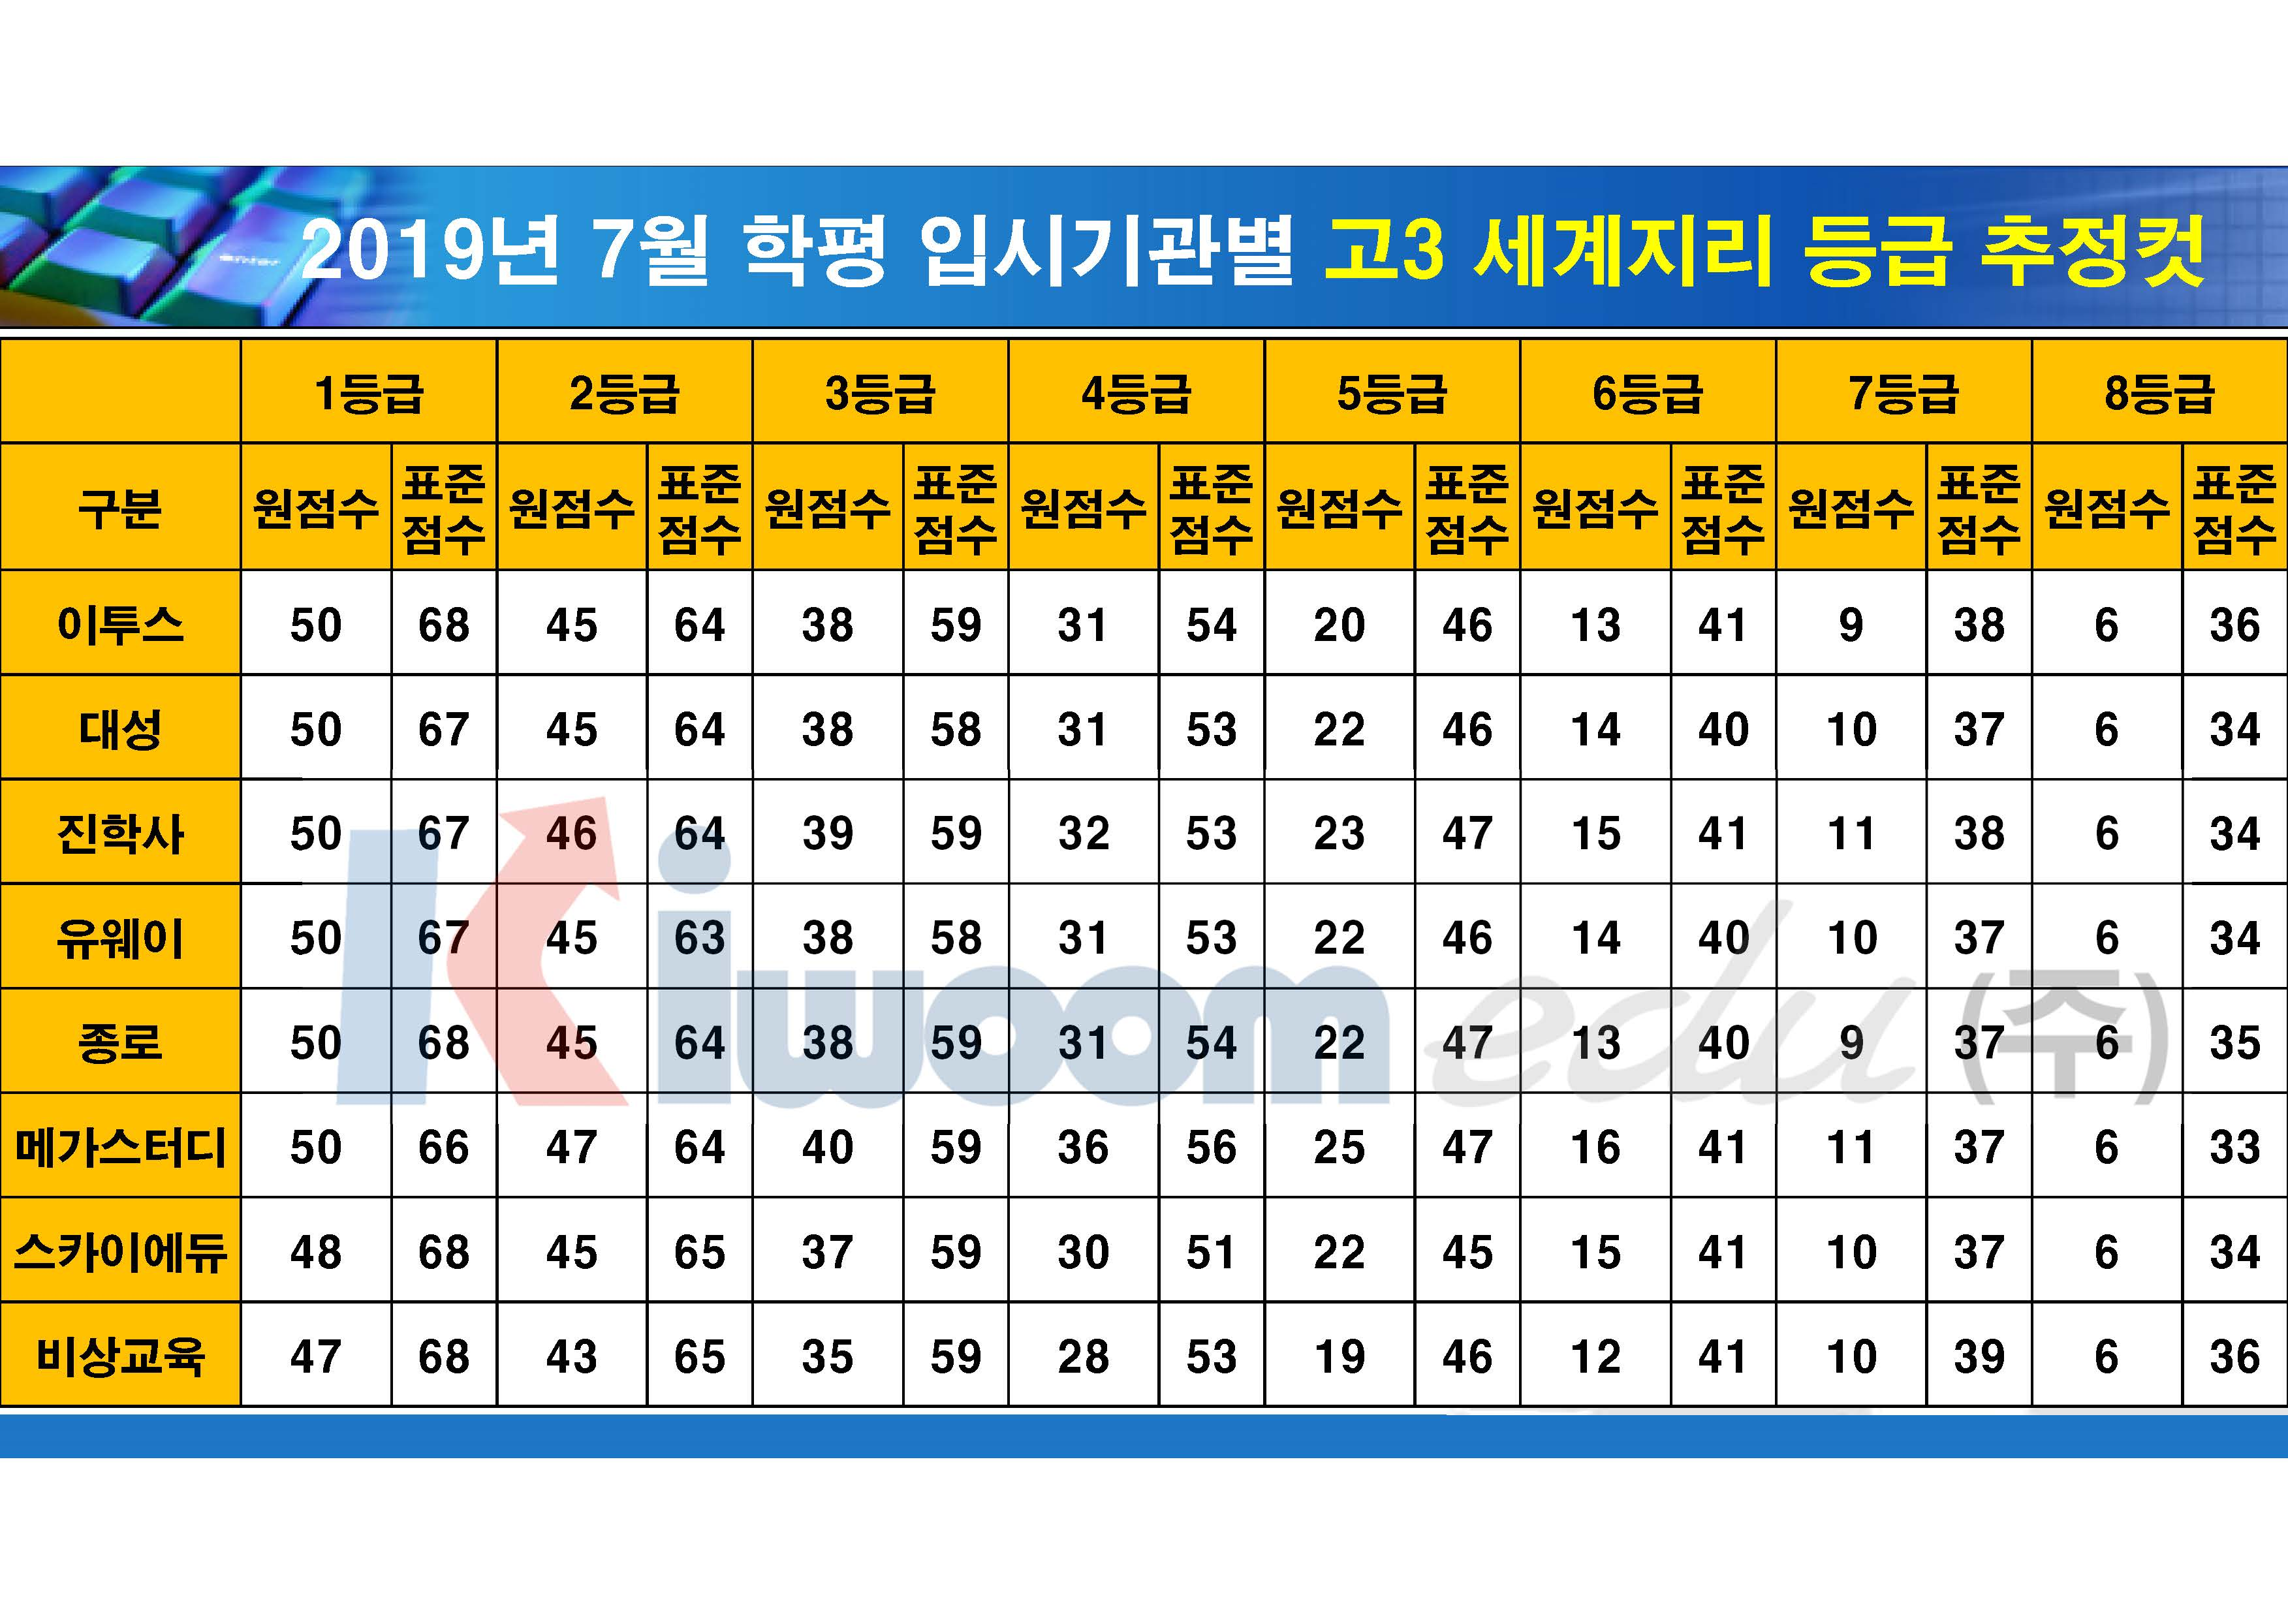 2019 7월 모의고사 입시기관별 등급컷(고3)_20190711_안지훈#1(16시 30분 기준)_Page_09.jpg